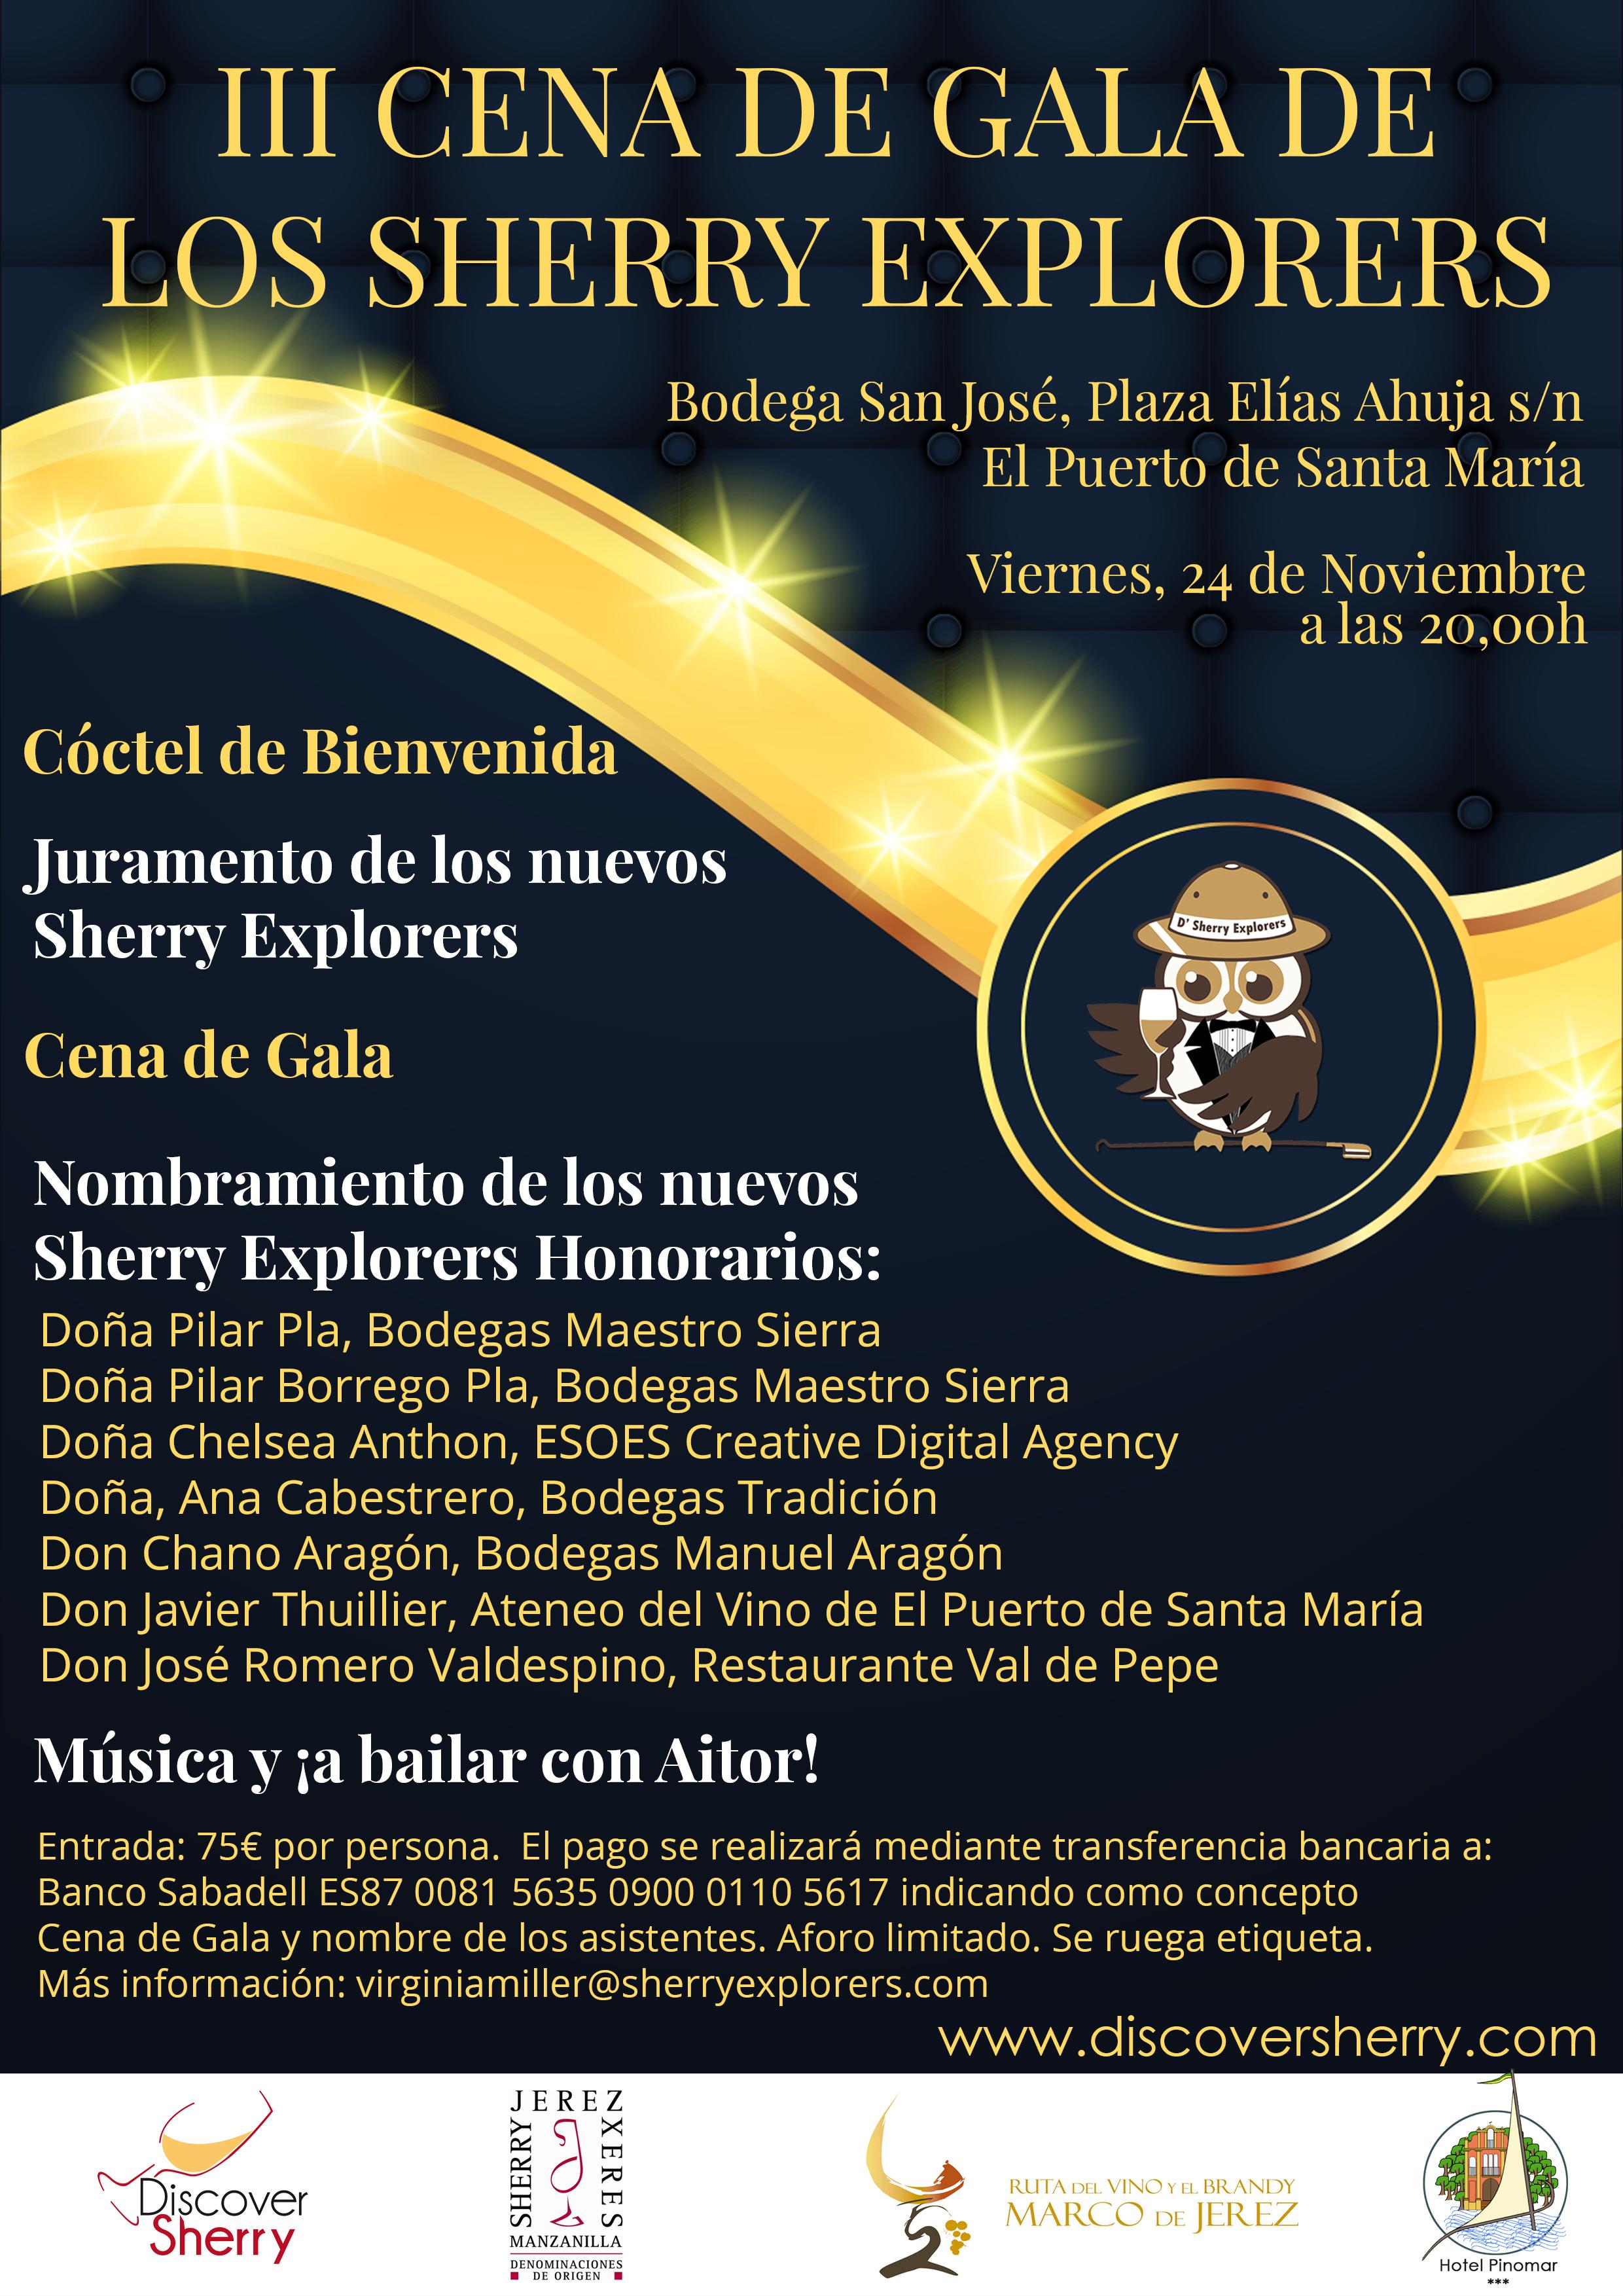 Invitacion Cena De Gala